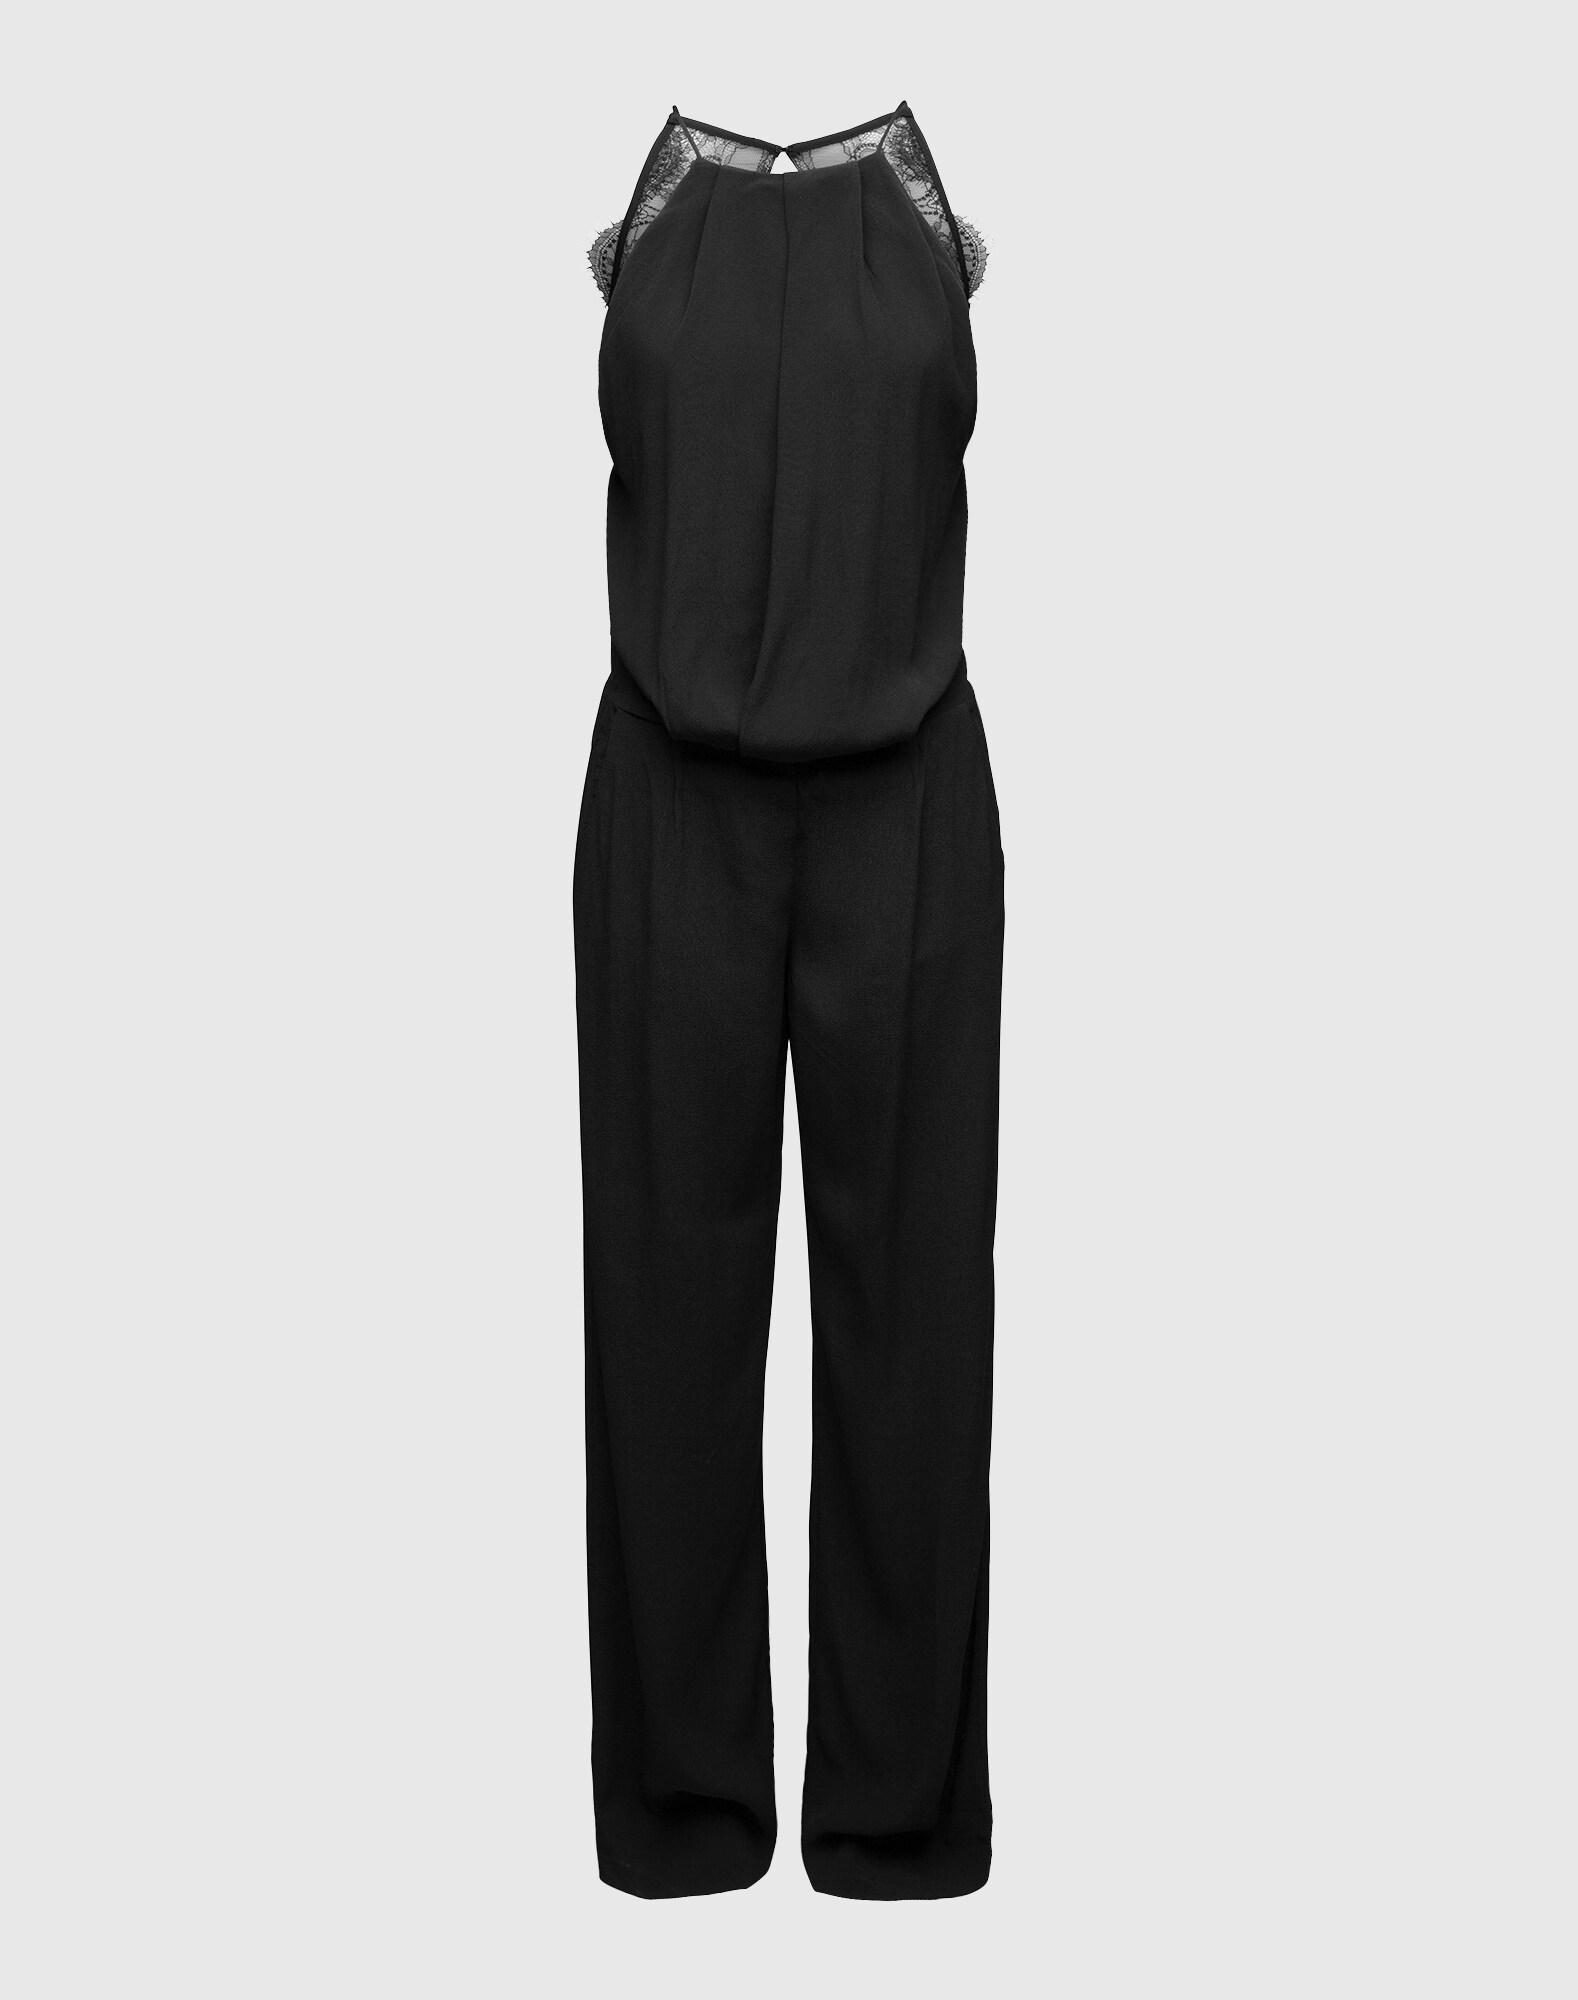 Samsoe & Samsoe, Dames Jumpsuit 'Willow 5687', zwart